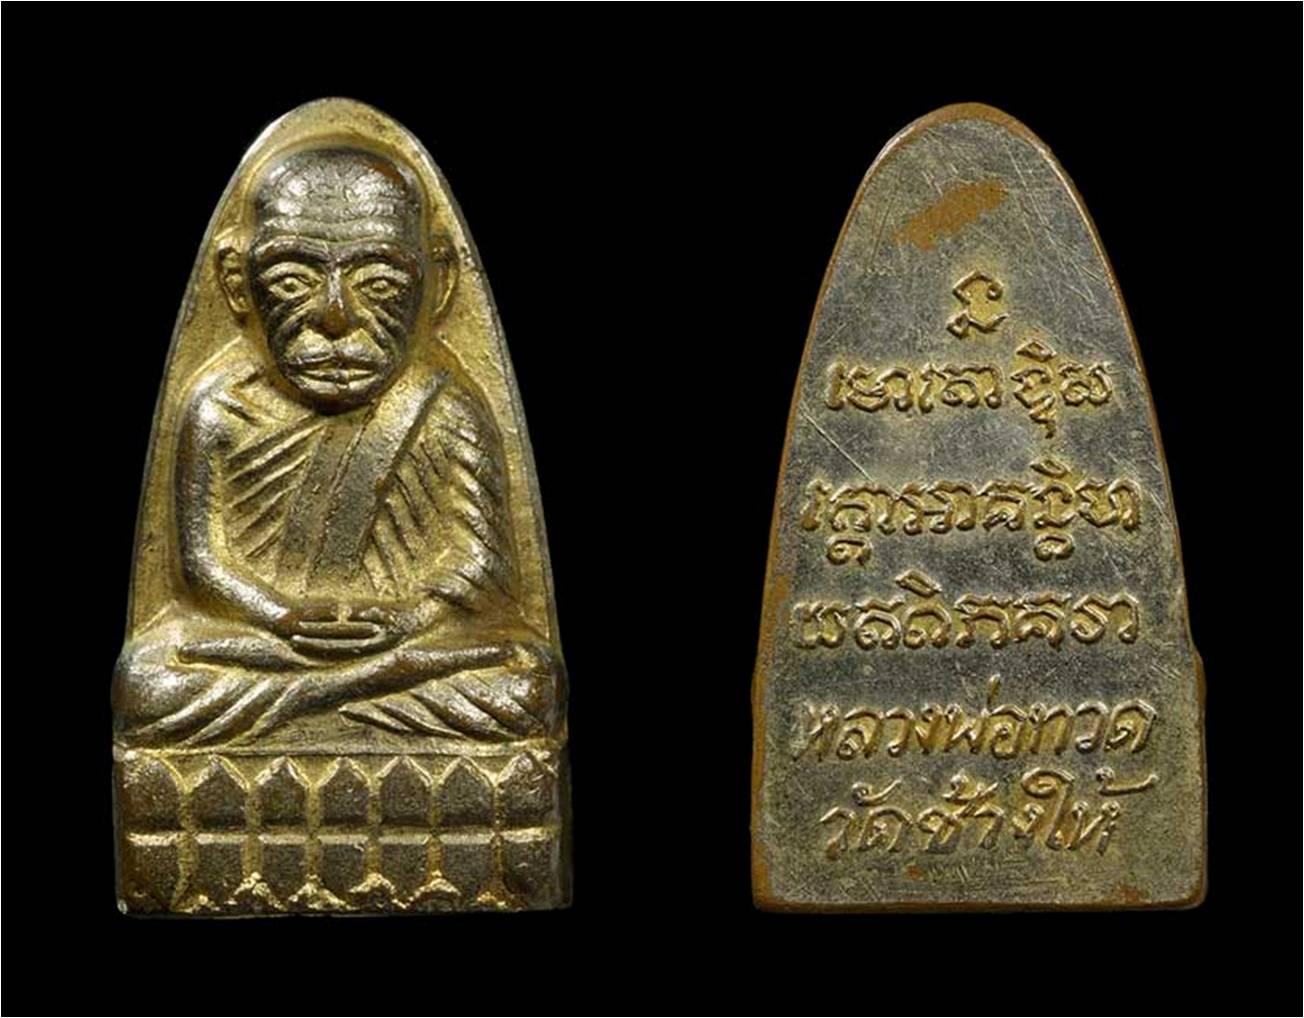 พระเครื่อง  หลวงปู่ทวด หลังหนังสือเล็ก ปี 2508 เปียกทอง กรรมมการ